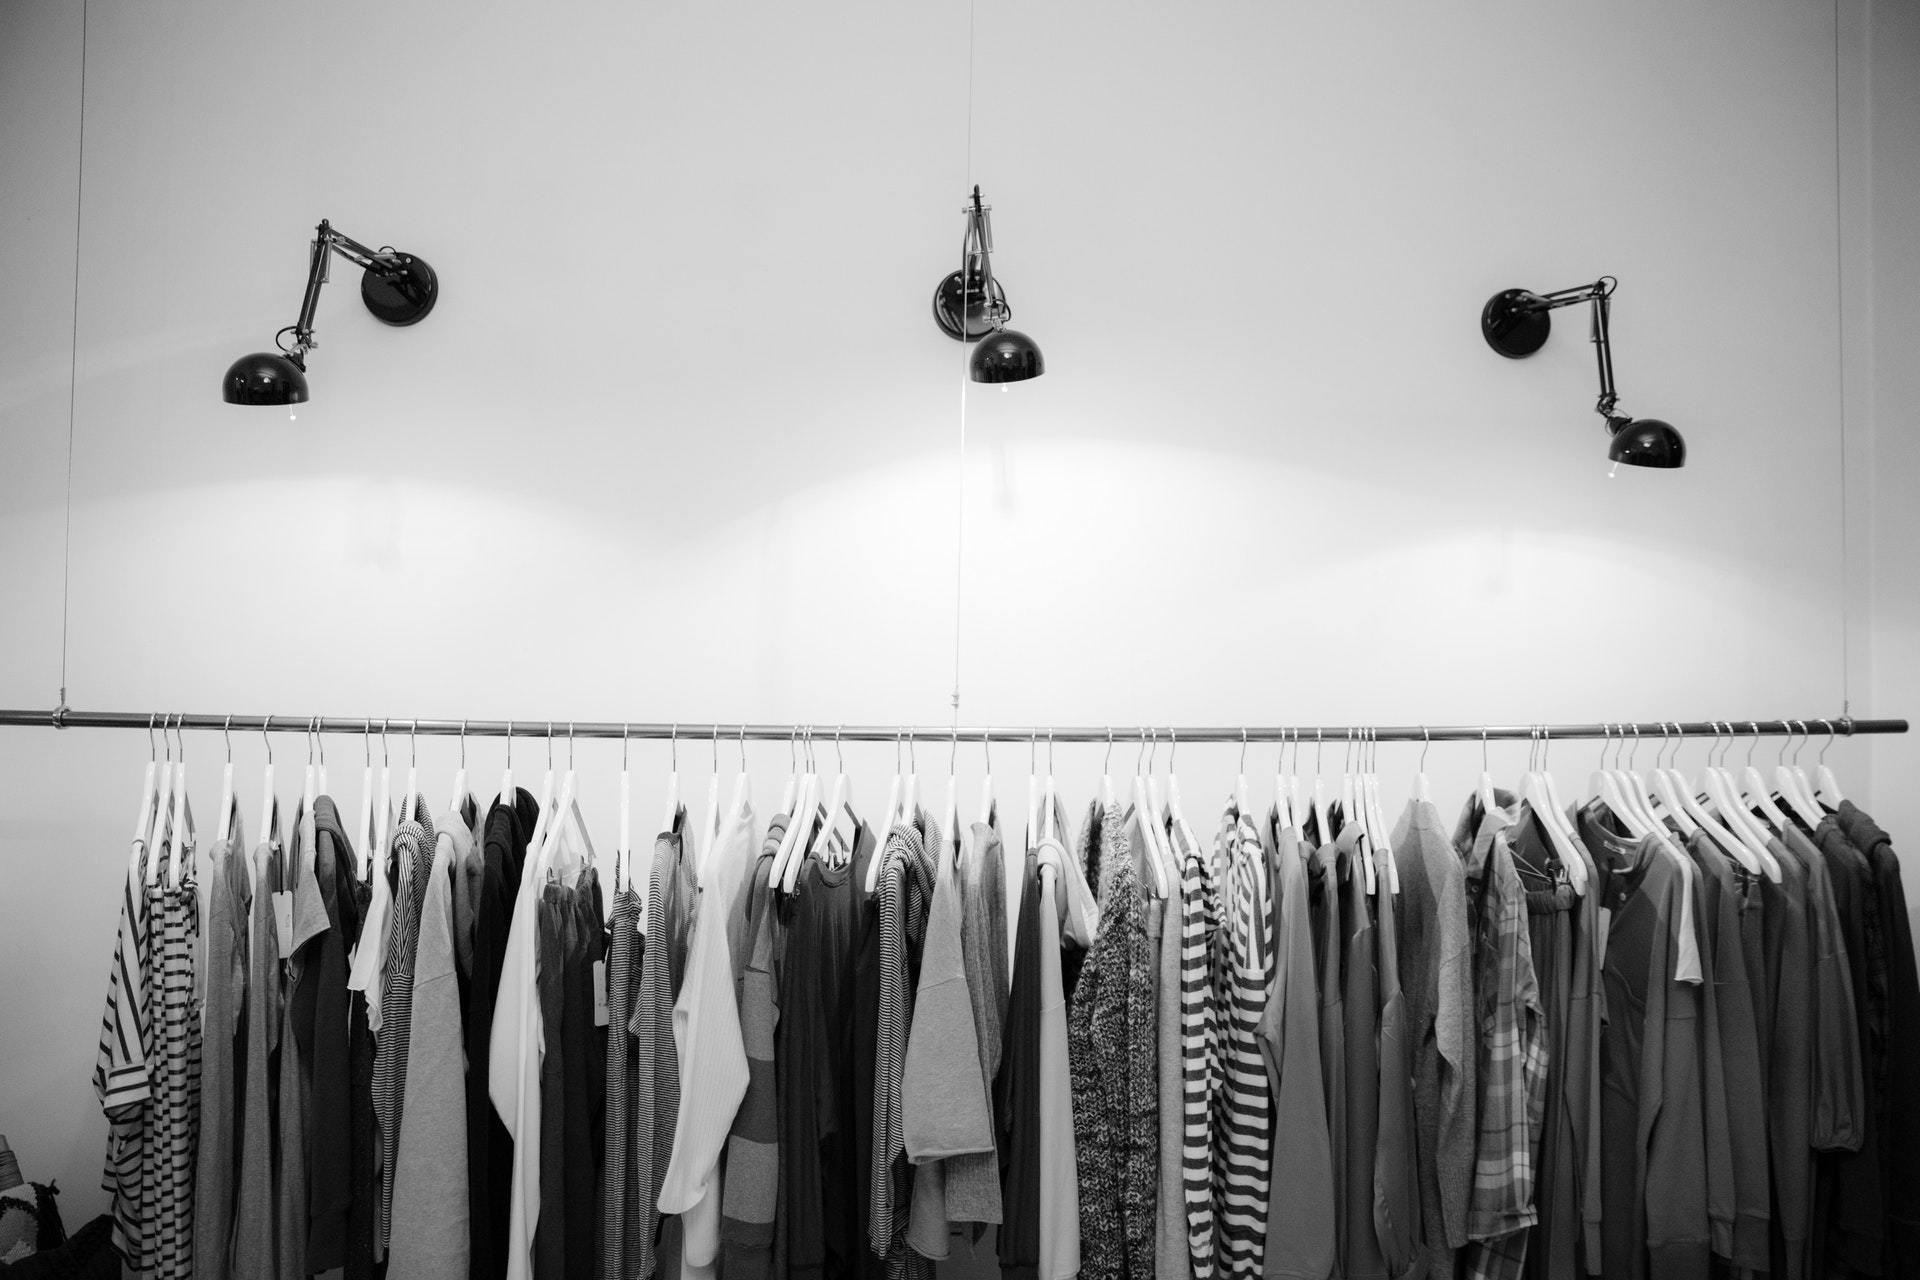 如何提高衣柜利用率?6个经典好用的设计方案